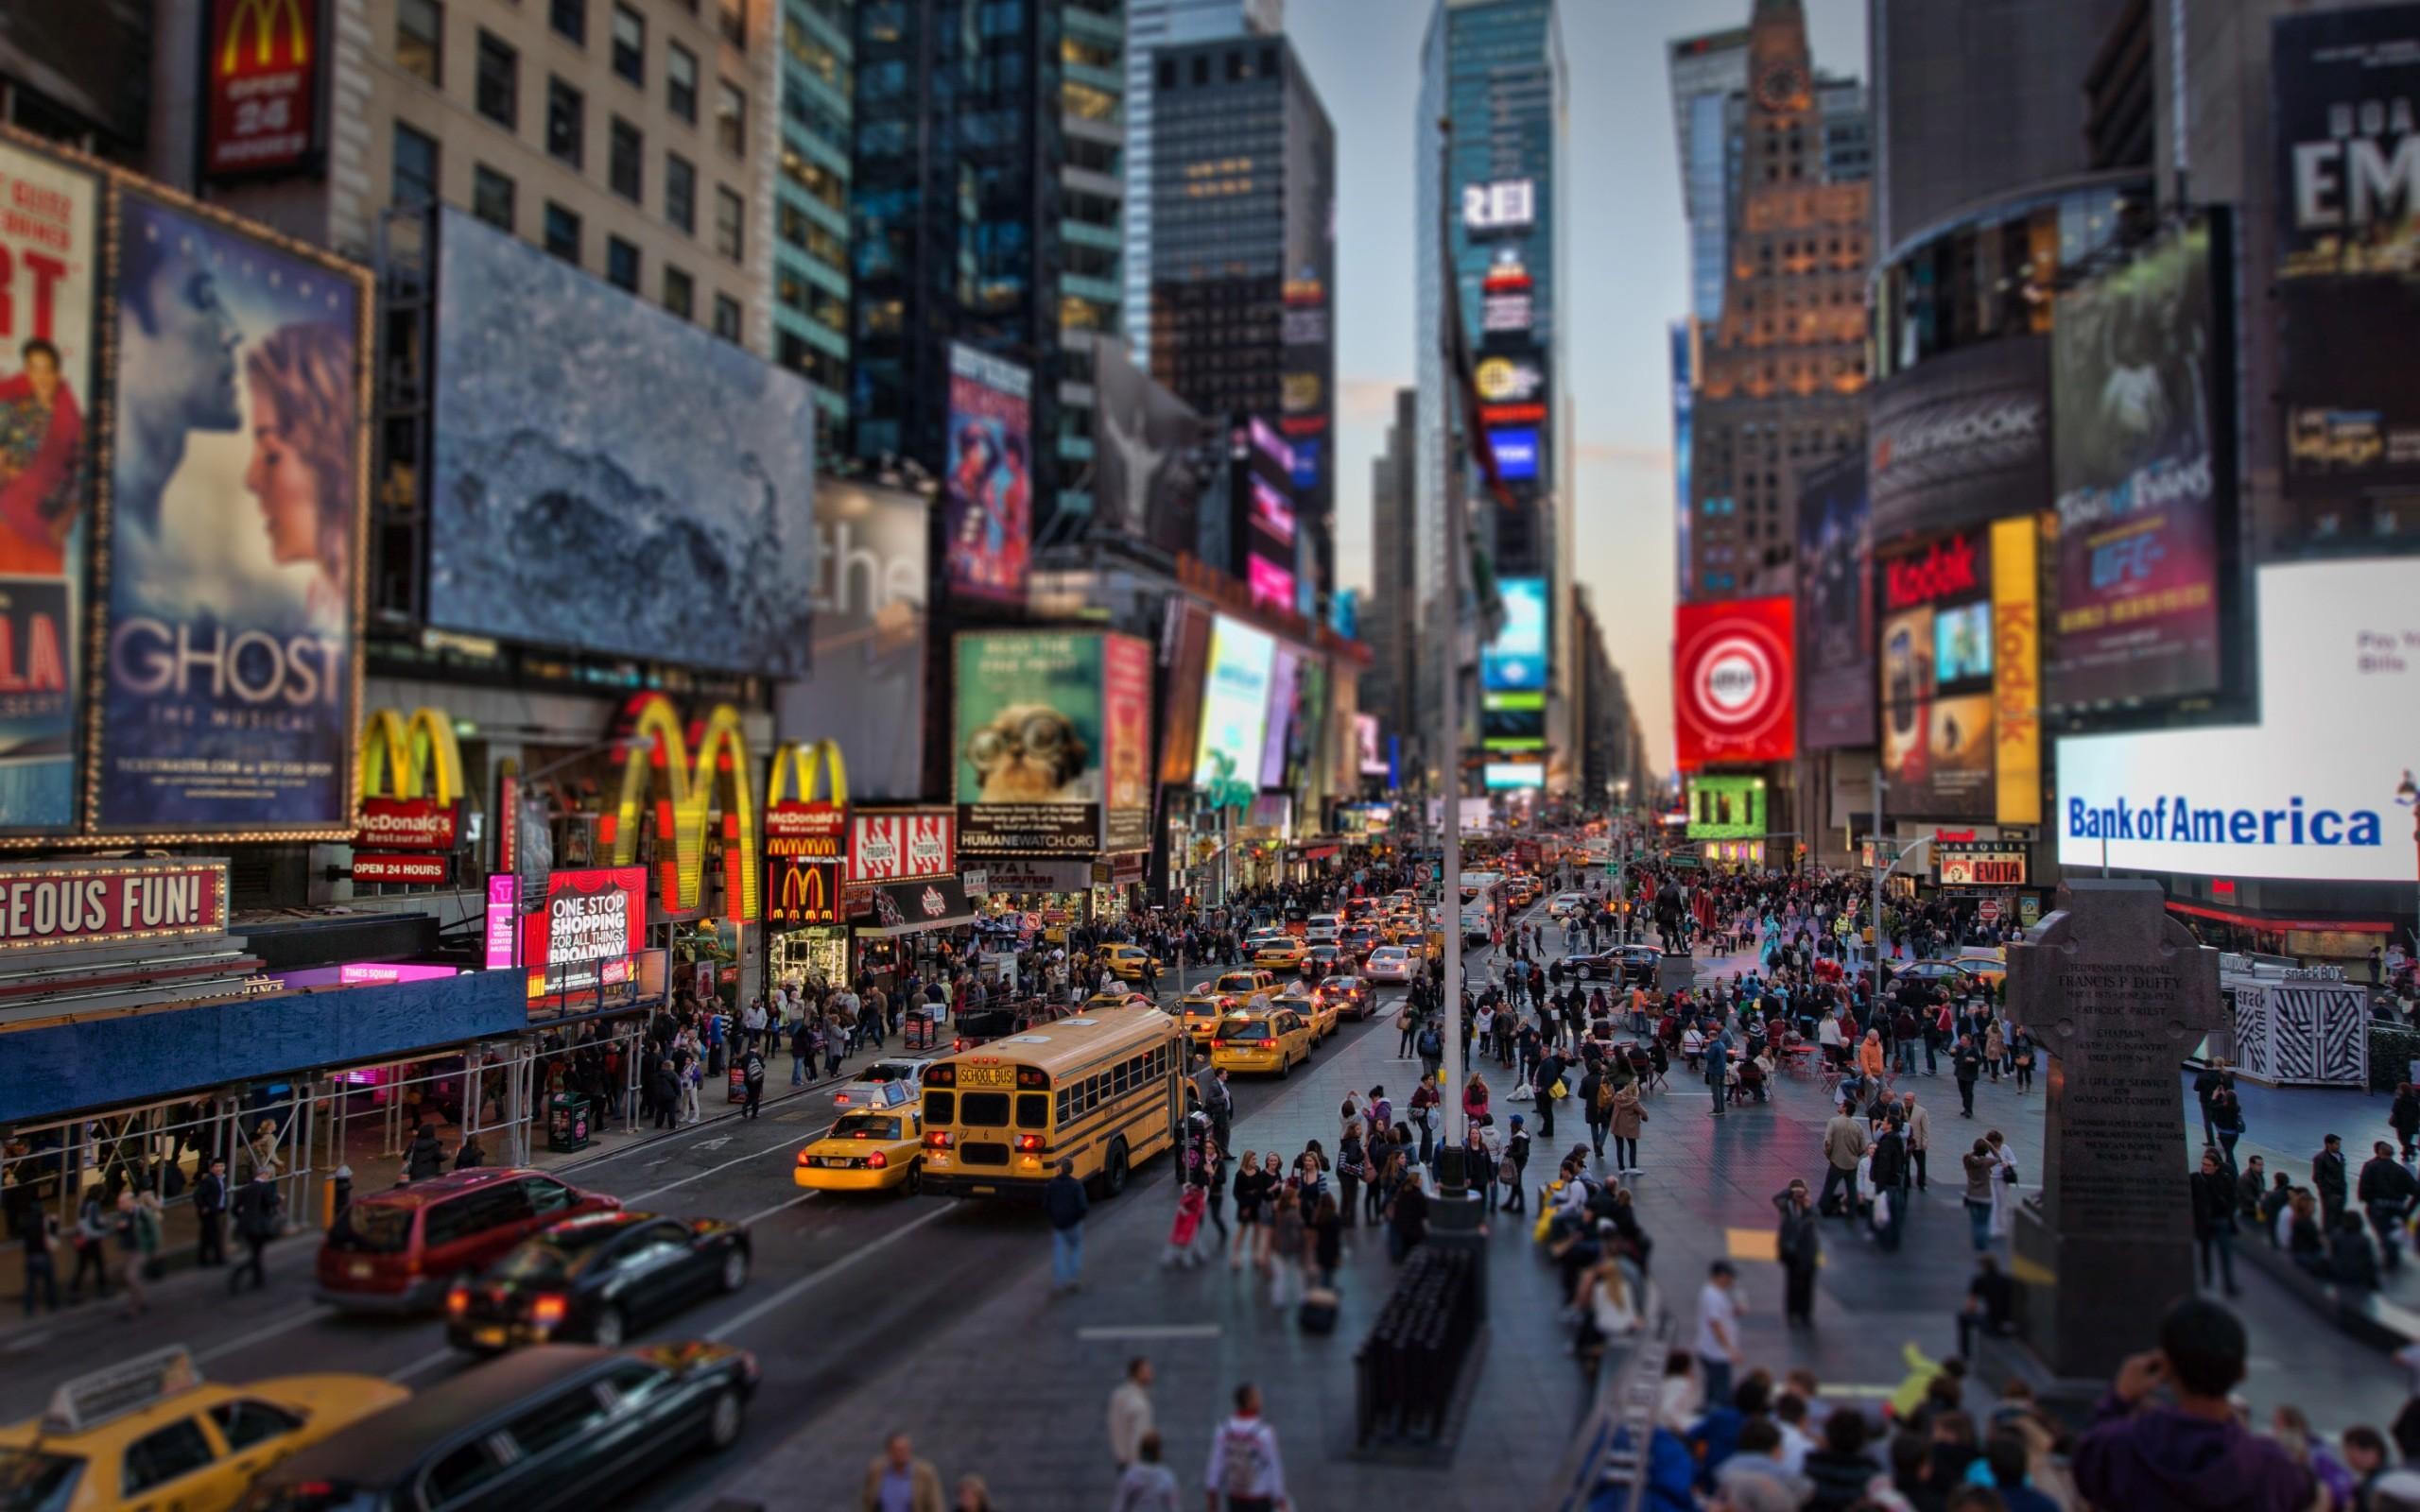 Fondos De Pantalla Calle La Carretera Nueva York Times